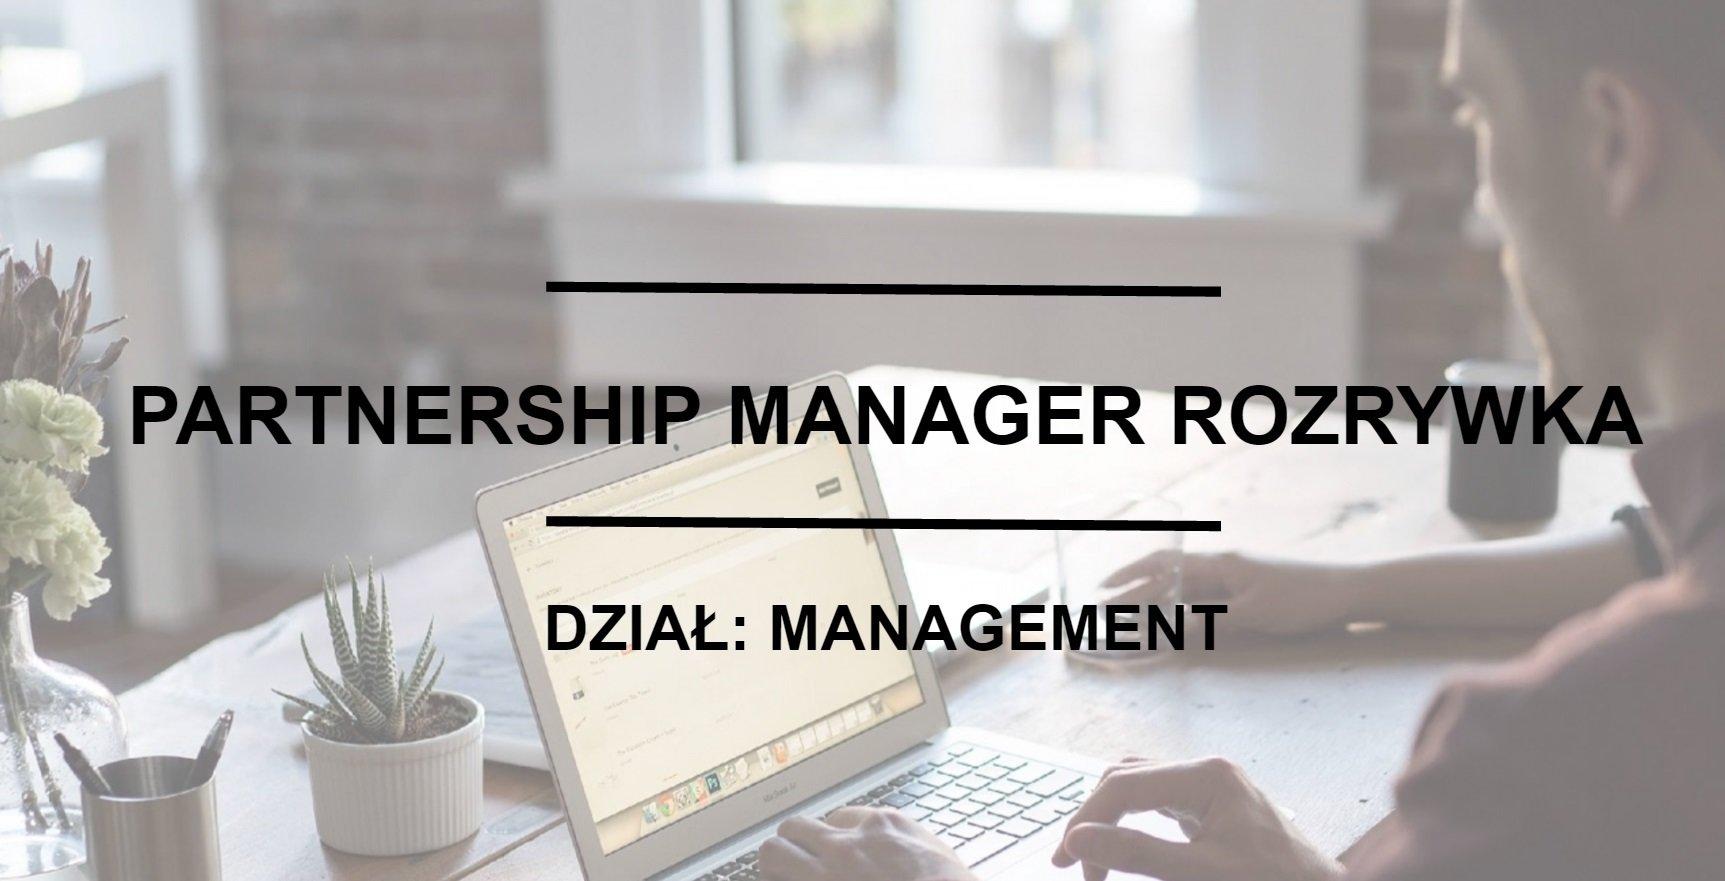 Poszukiwany/ Poszukiwana:  Partnership Manager Rozrywka!